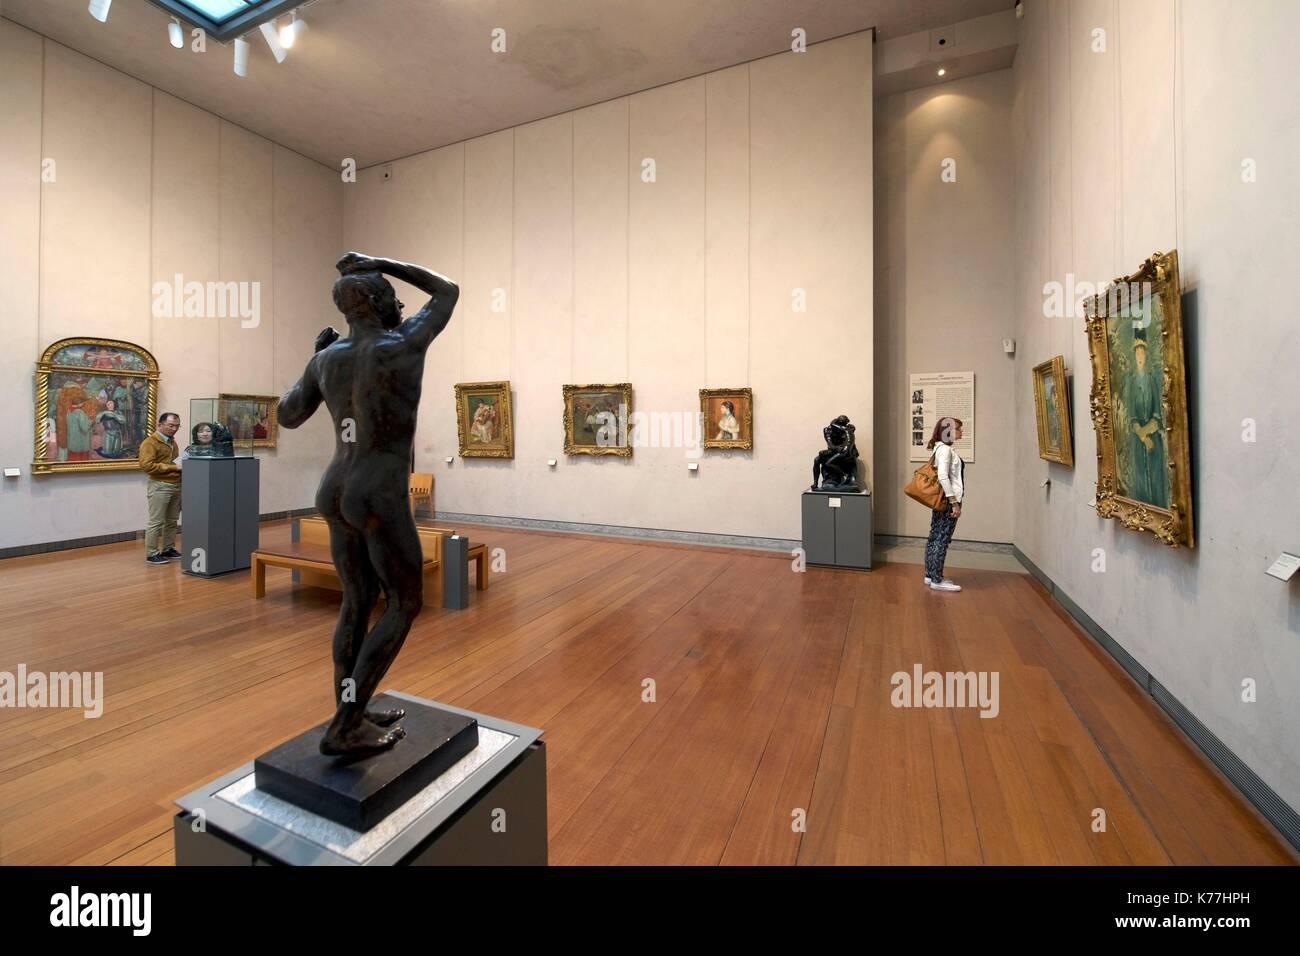 Fine Art Lyon France Stock Photos & Fine Art Lyon France Stock ...